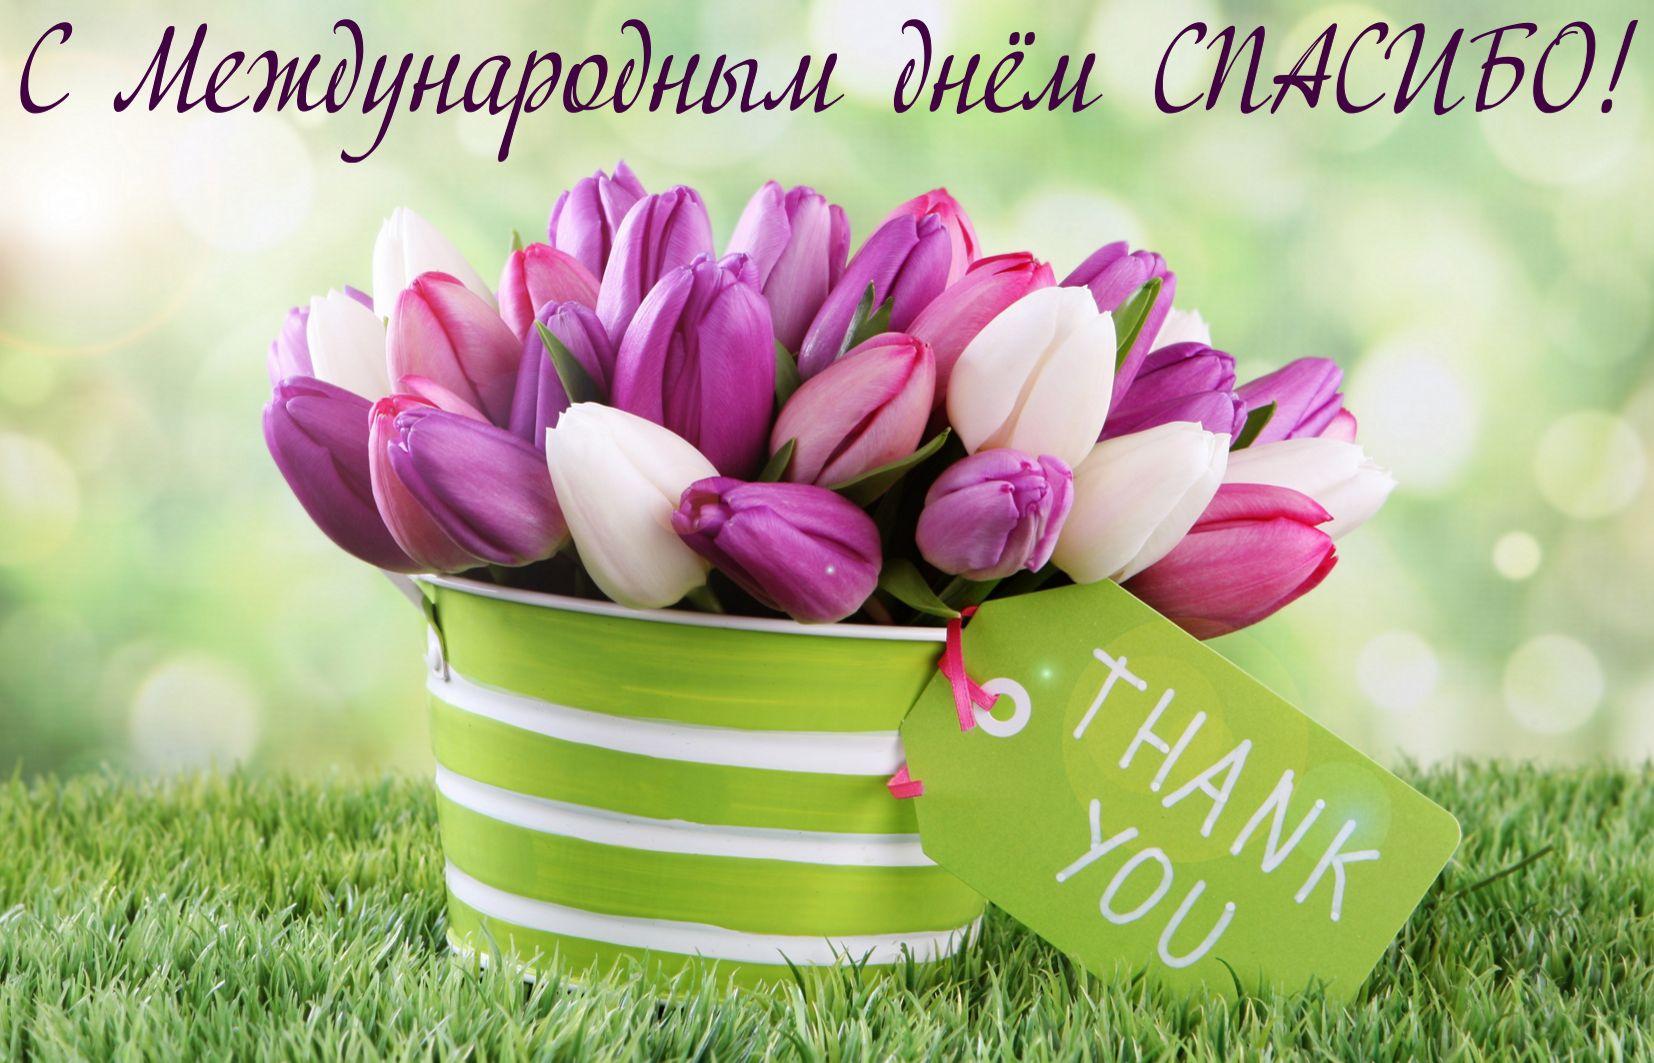 Открытка на международный день спасибо - корзина с разноцветными тюльпанами